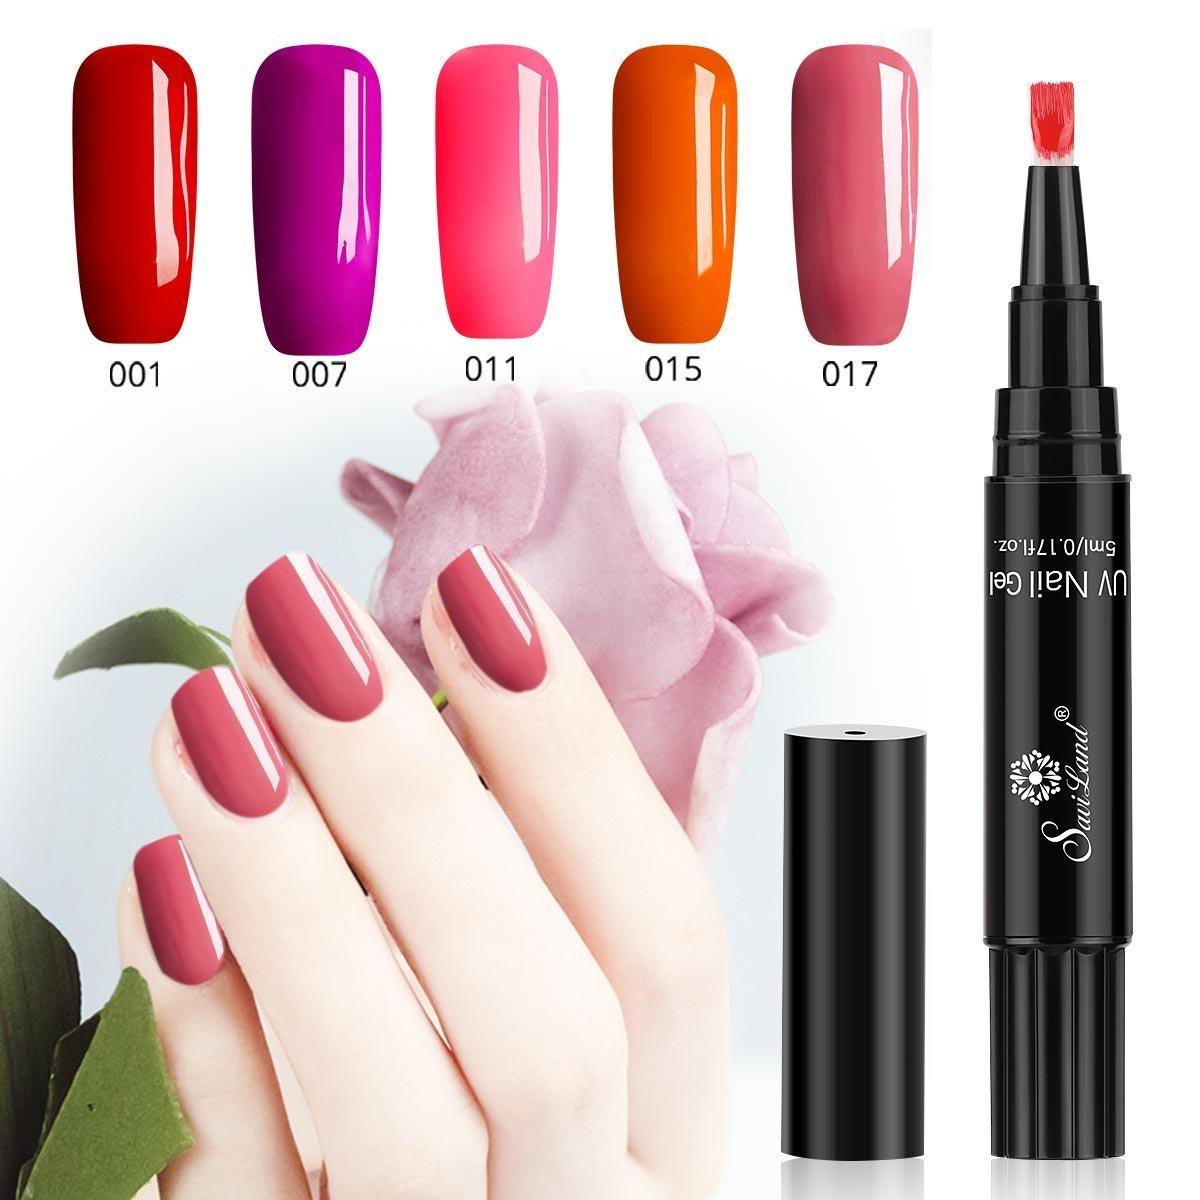 Bolígrafo de gel para uñas de One Step, no necesita capa base, Saviland 3 en 1, se seca con luz UV LED